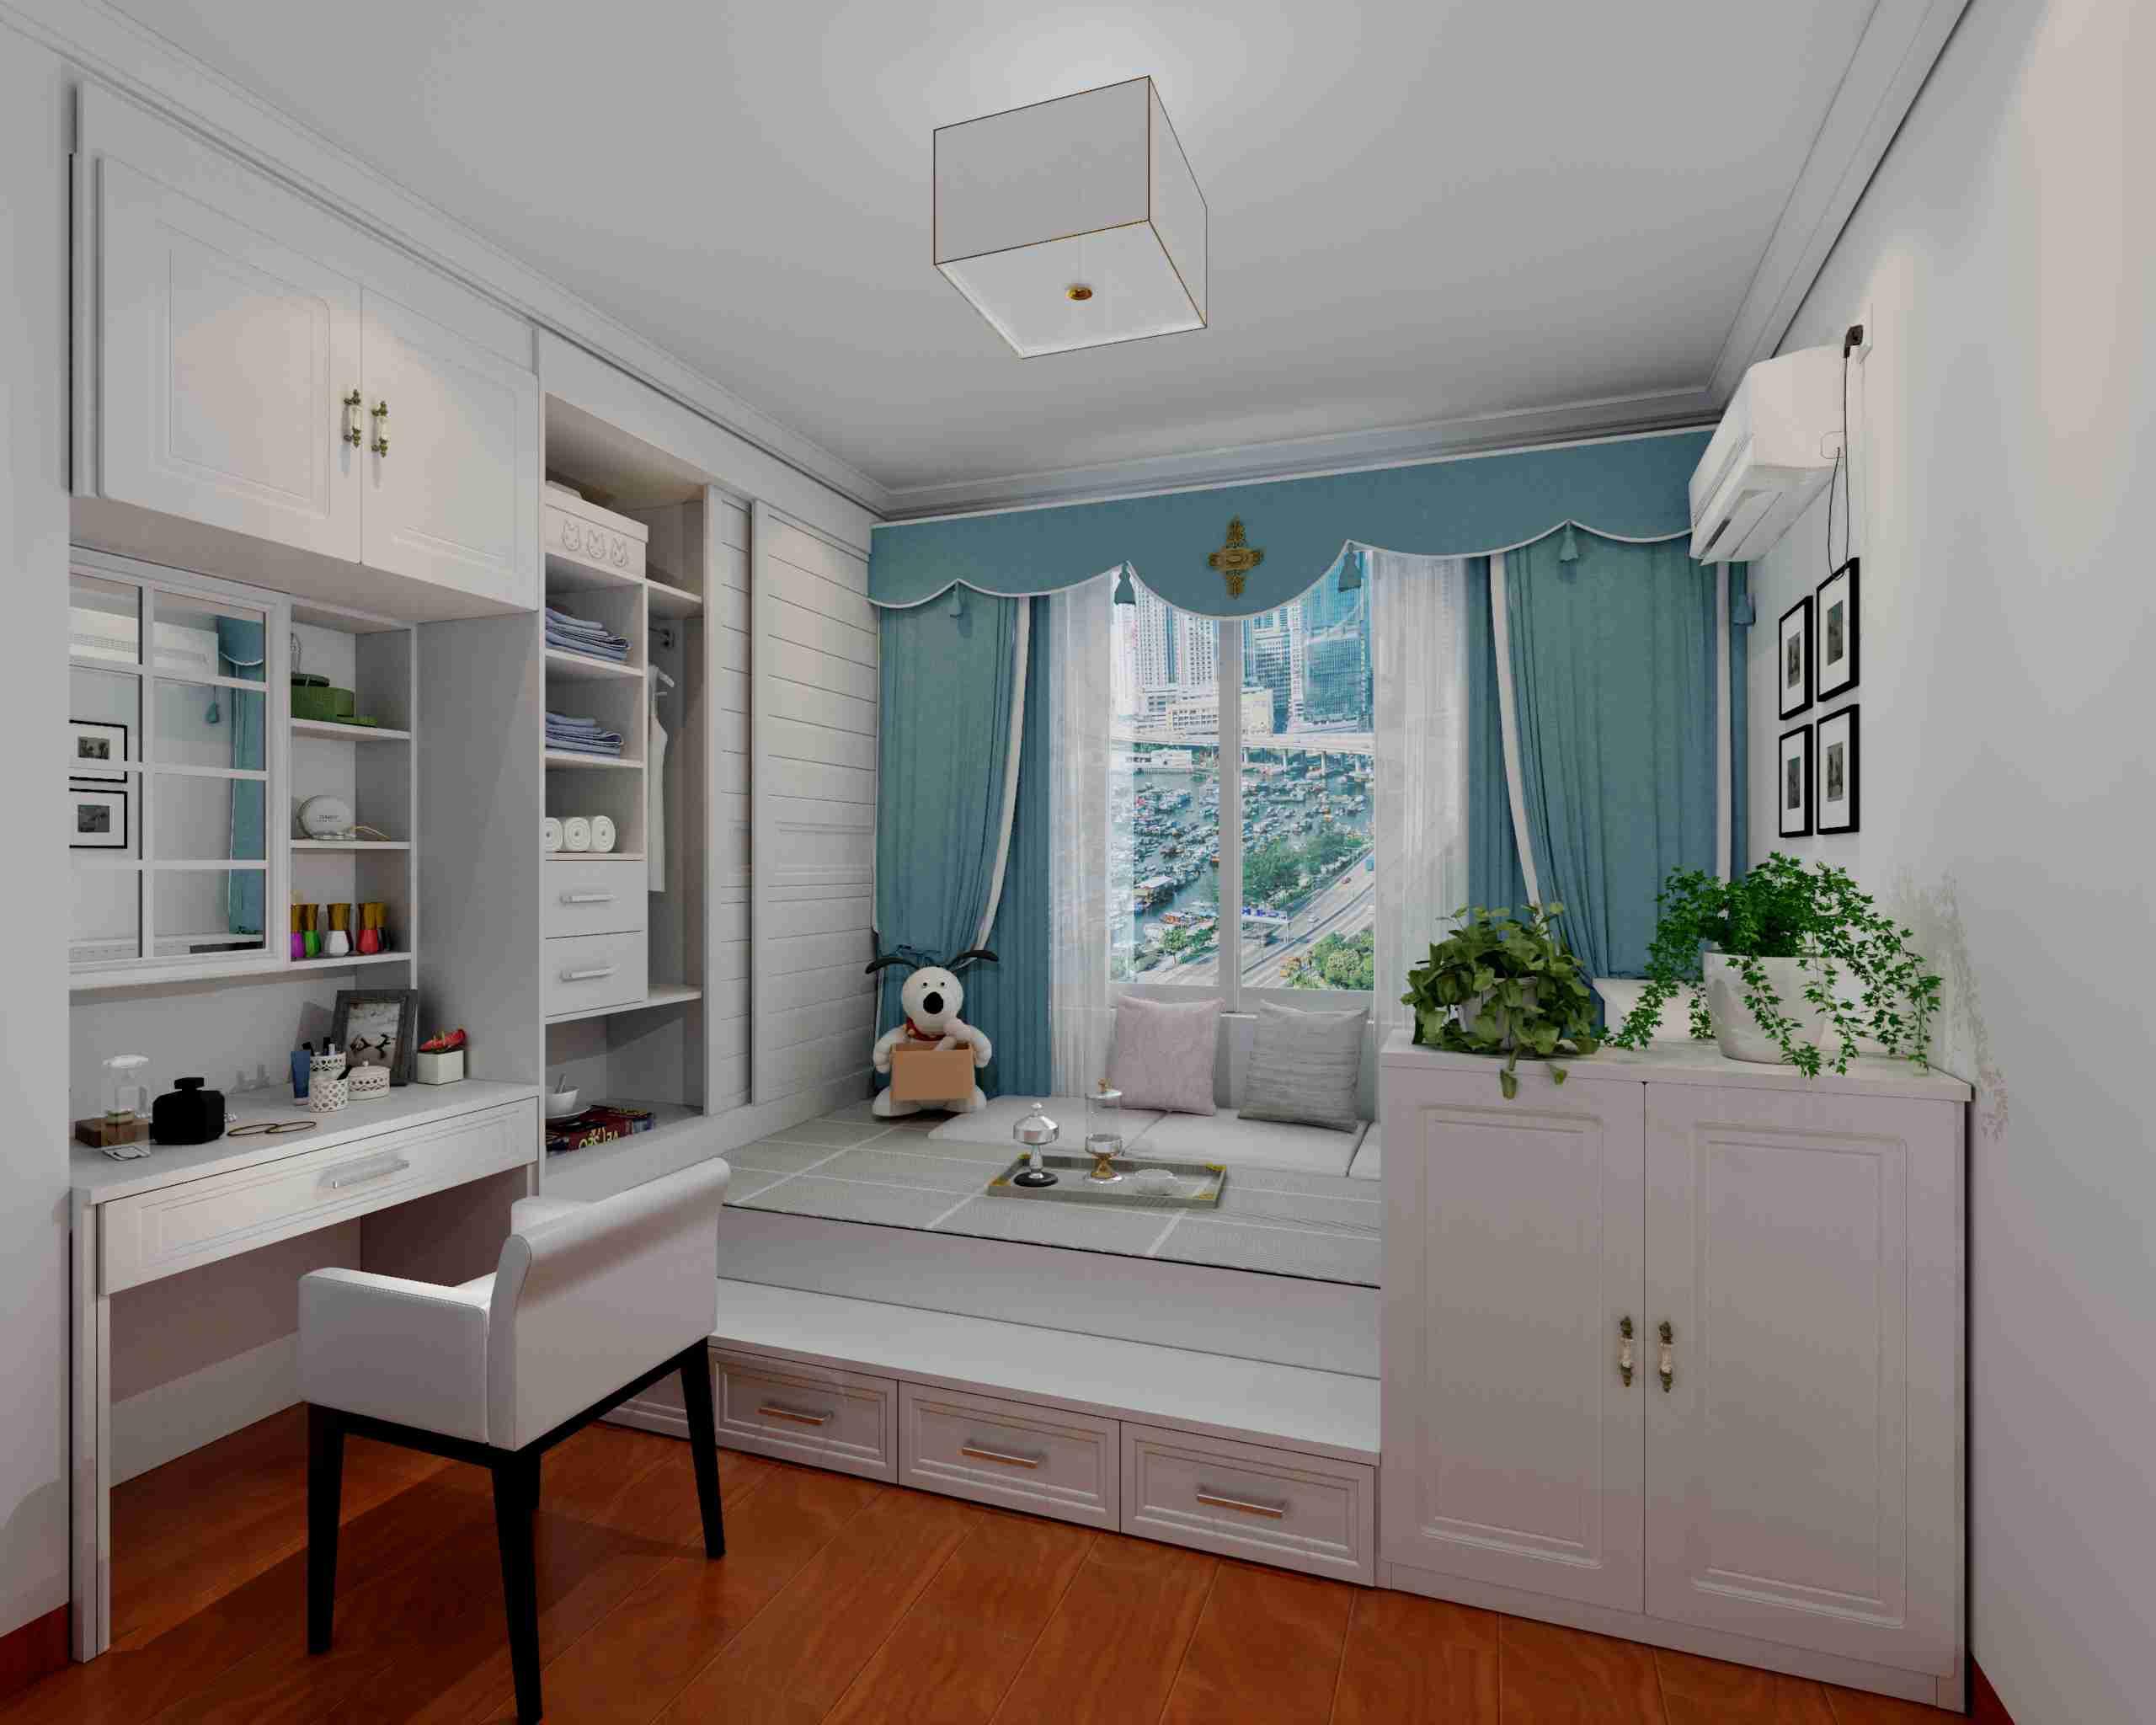 中心只一个矮柜,链接了书橱与书桌,一起也极好的装饰了窗台的方位.